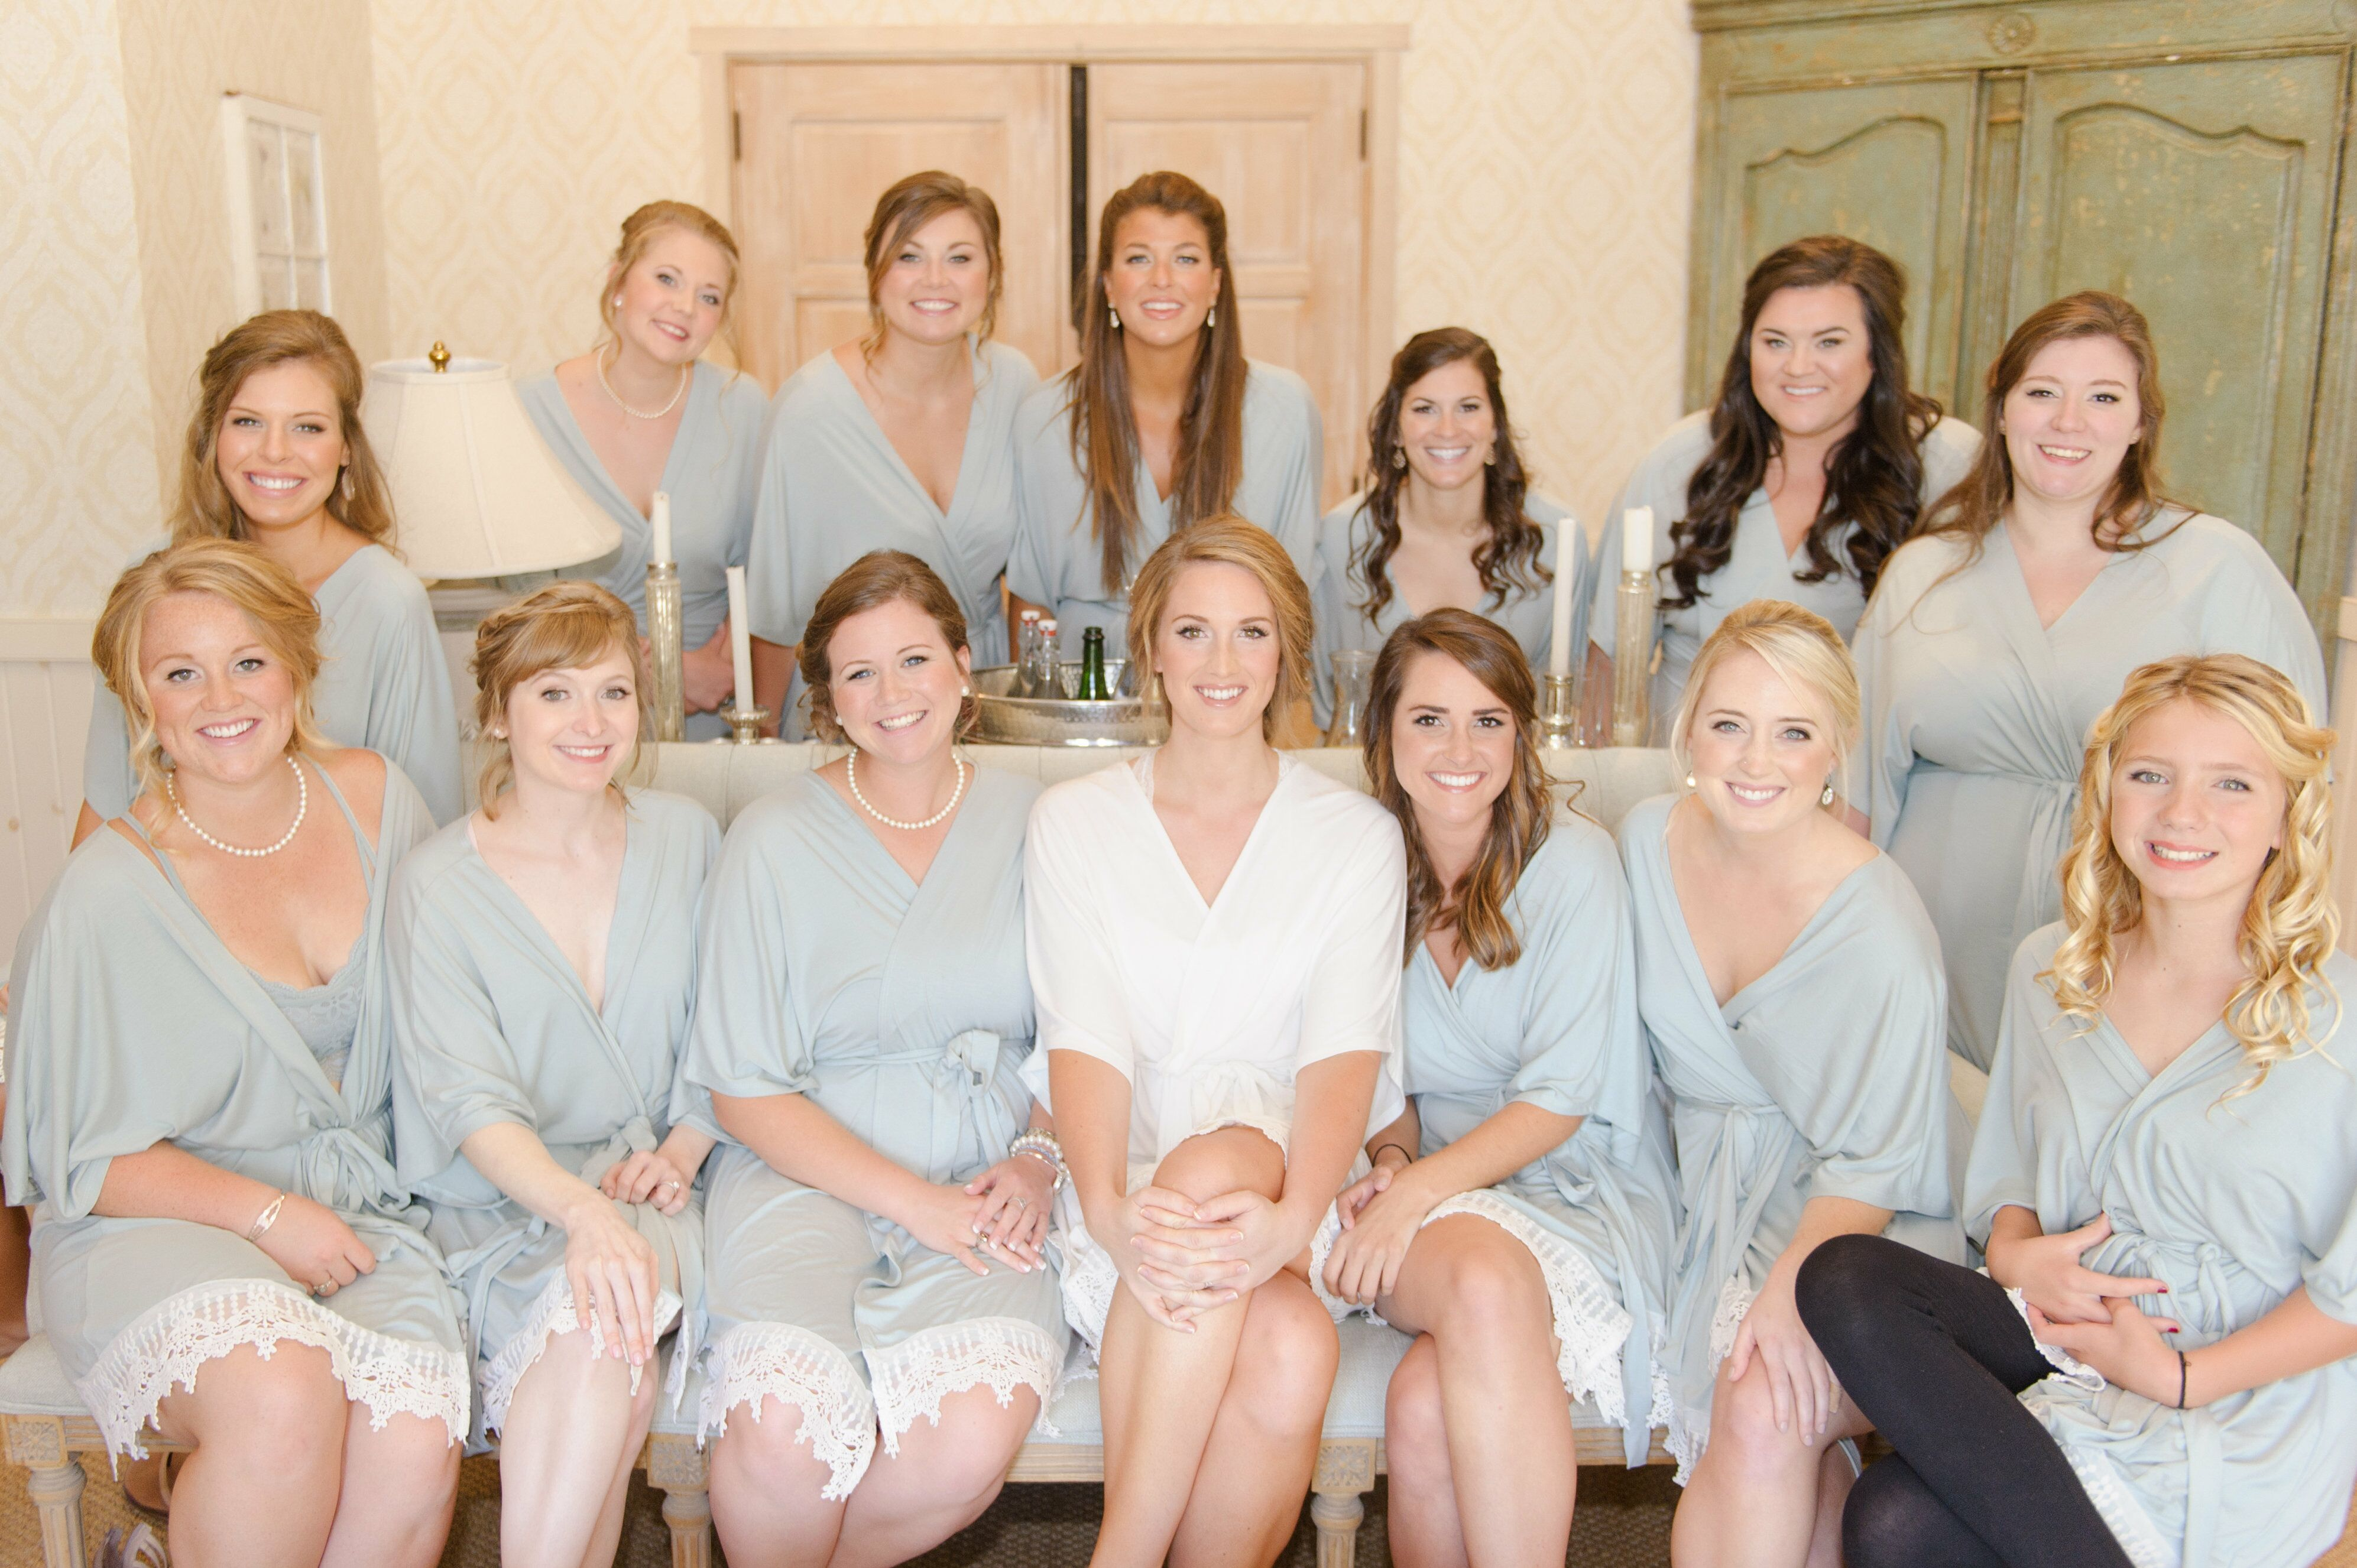 beauty salons in charlottesville, va - the knot